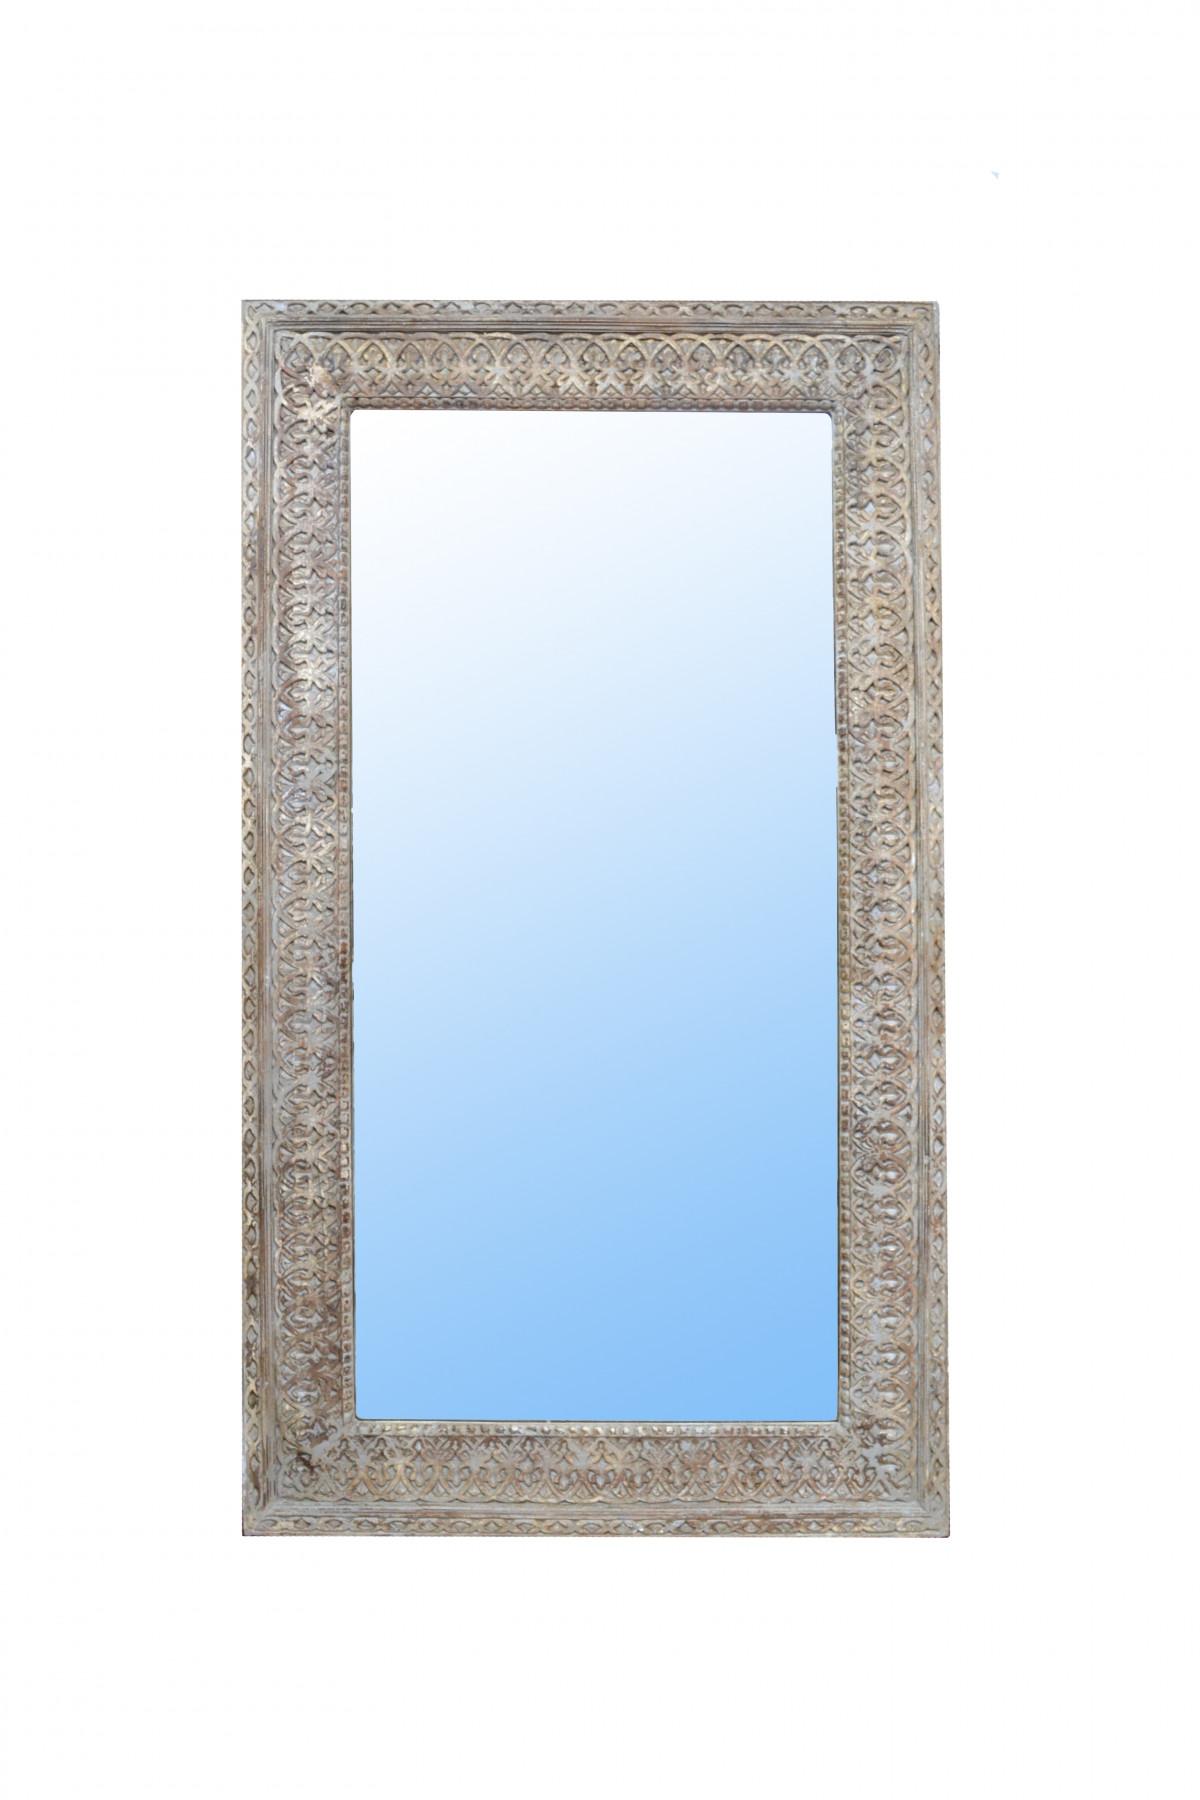 Grand miroir en bois sculpté 1